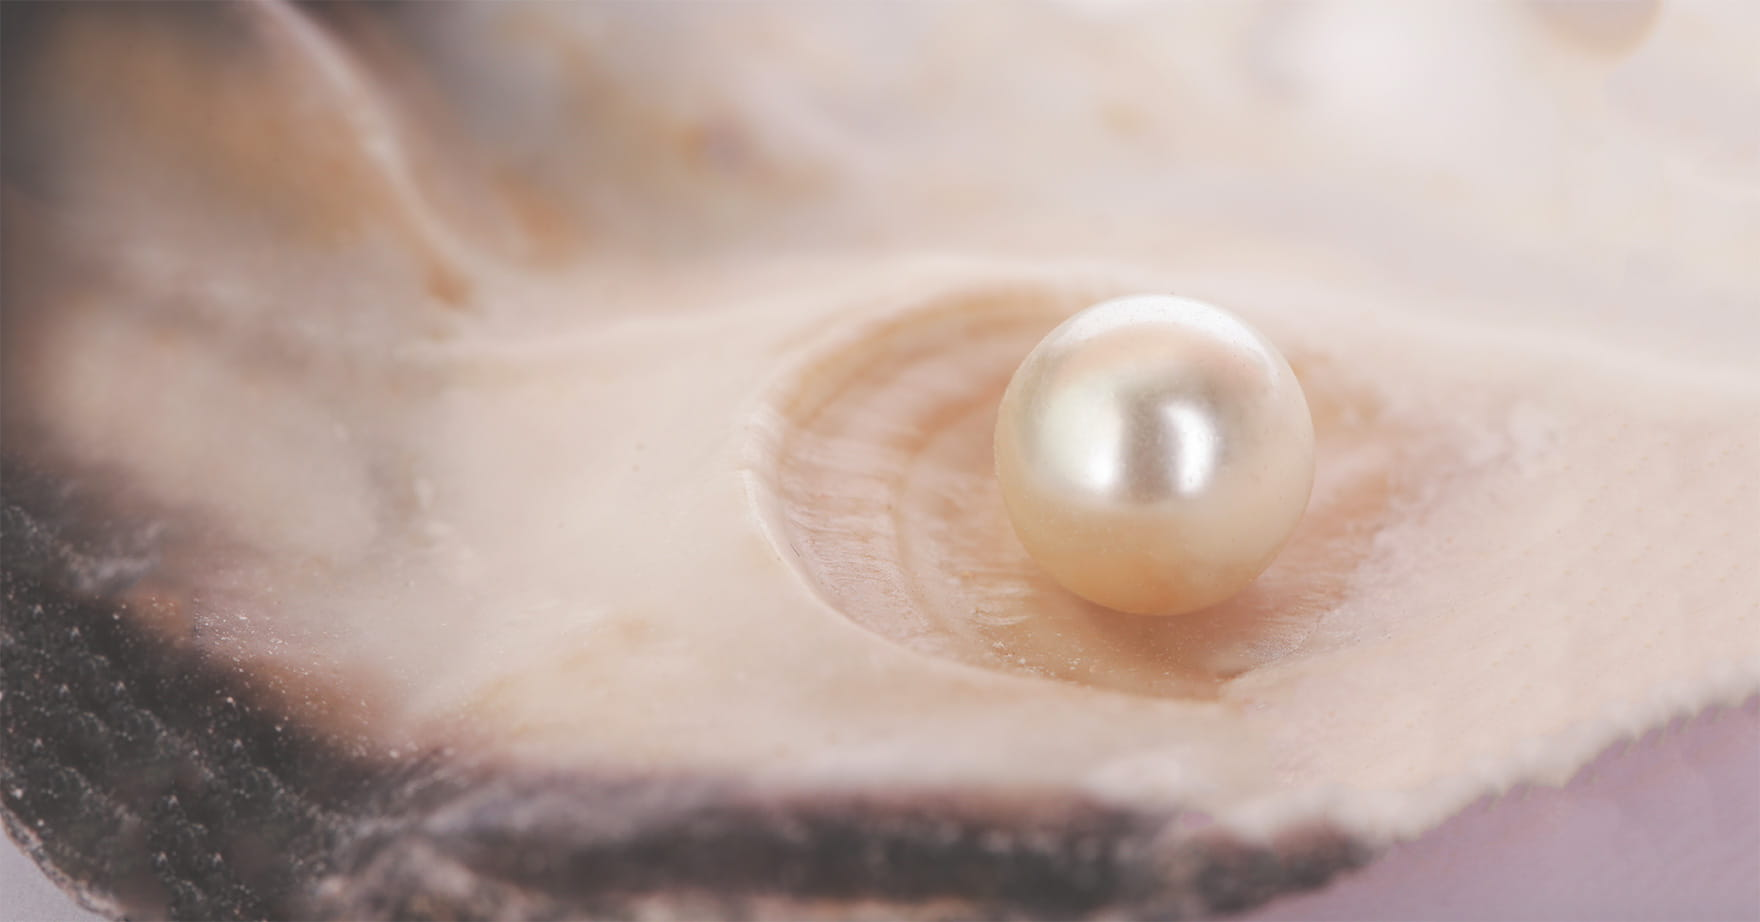 Der gesundheitliche Nutzen von Perlpulver: Superfood aus dem Meer